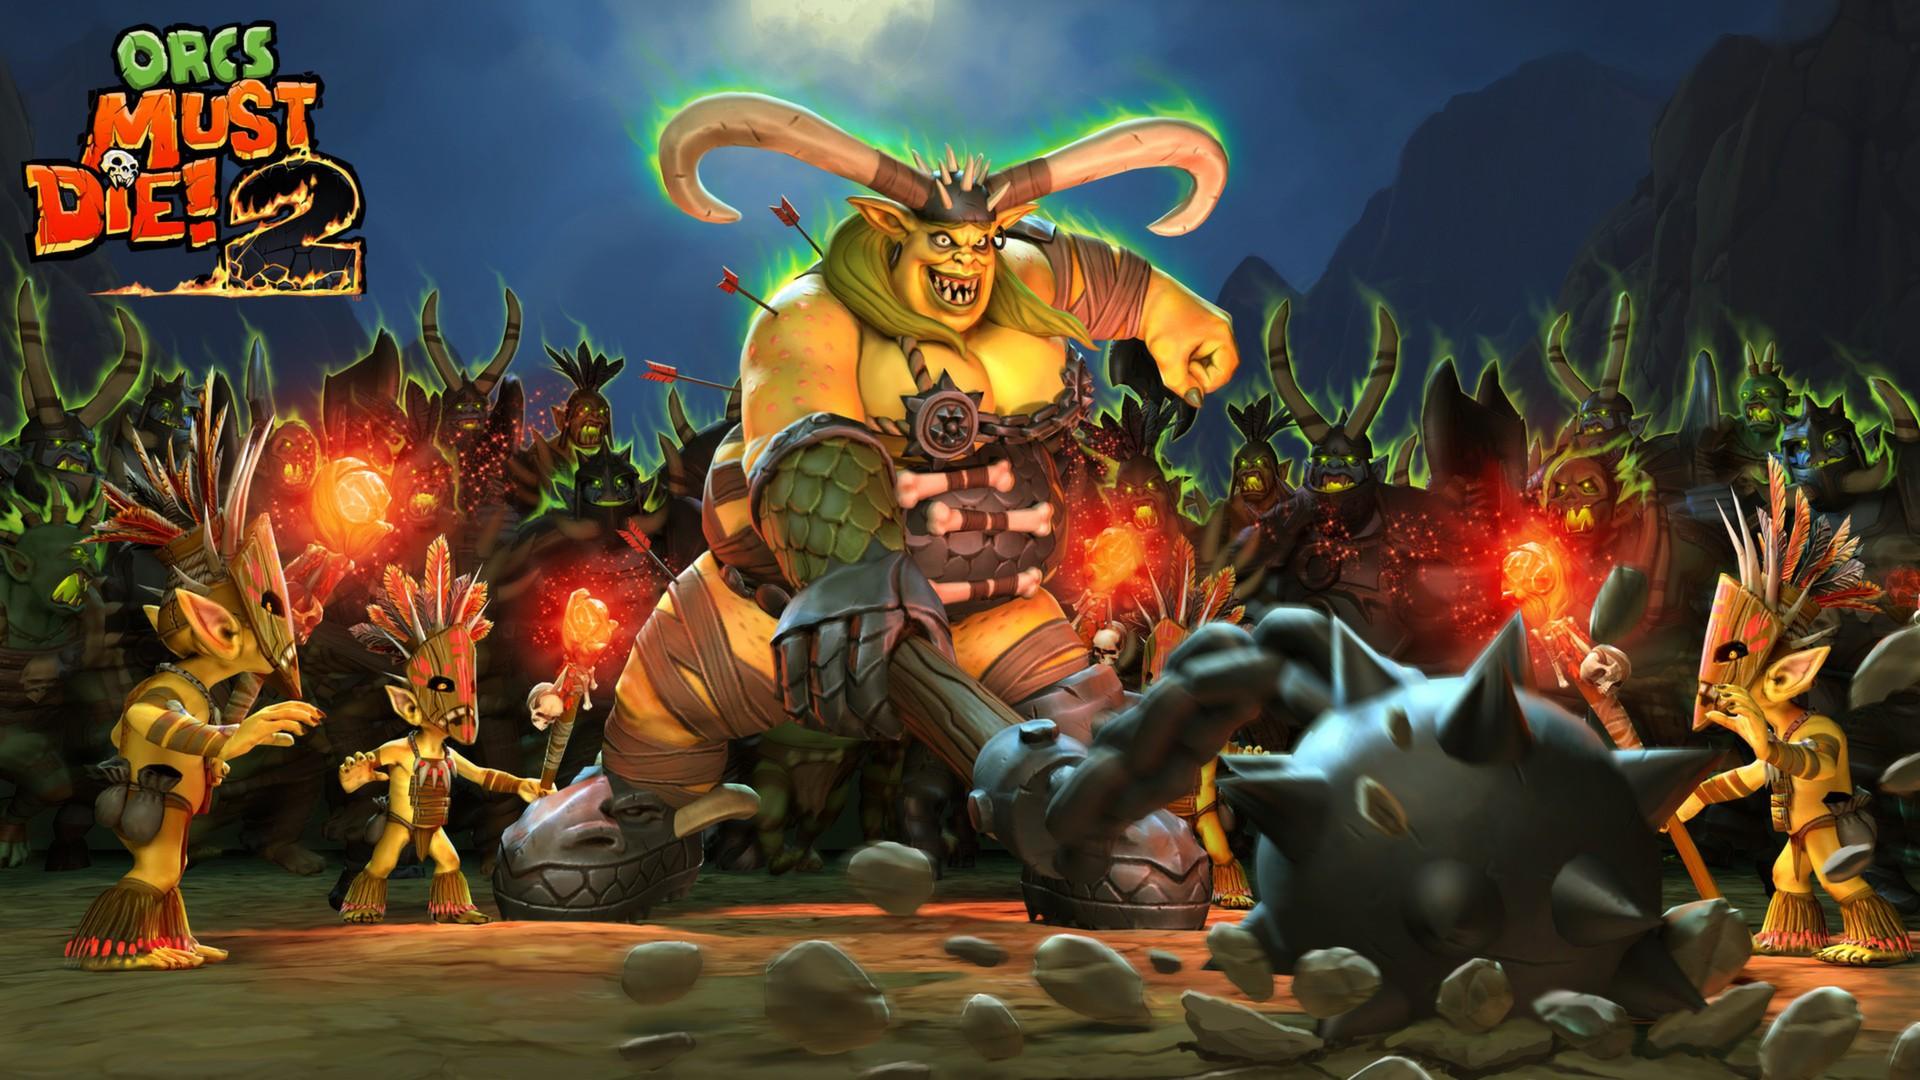 family ties - Orcs Must Die